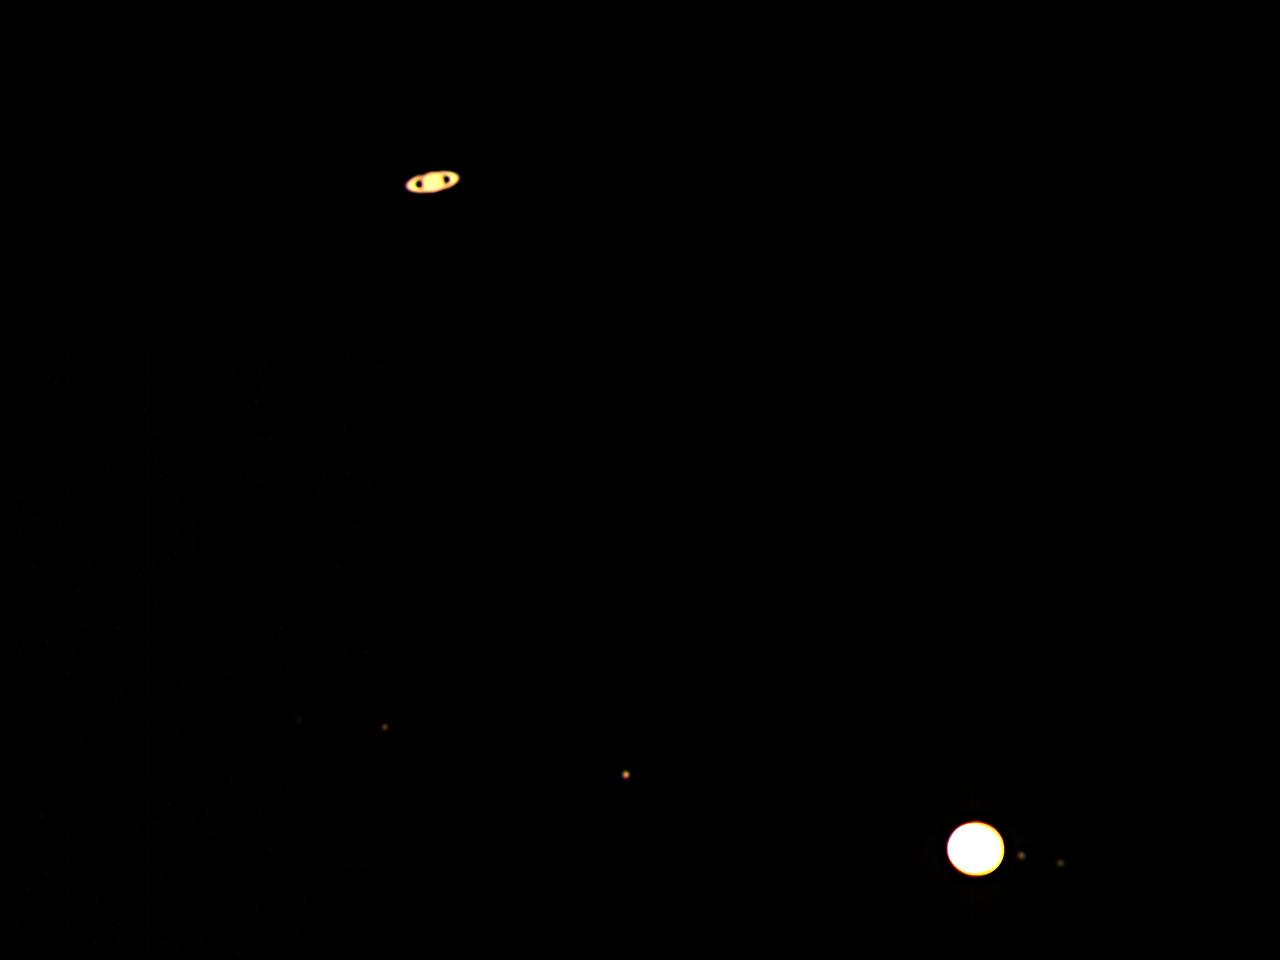 Jupiter_saturne_2020_12_20_181422_181528.jpg.6d79359370cfcdcb4ae7db942e7c93d1.jpg